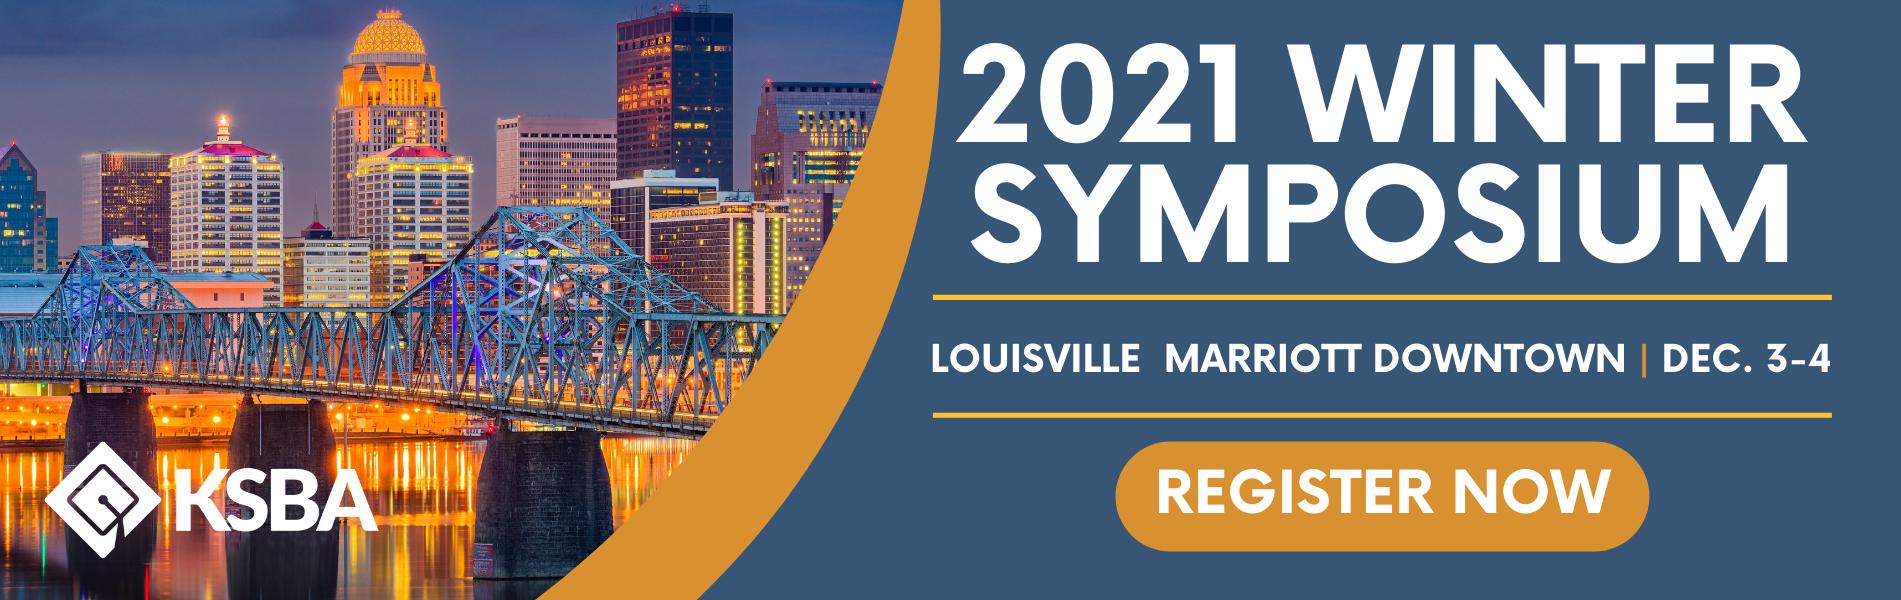 2021 winter symposium